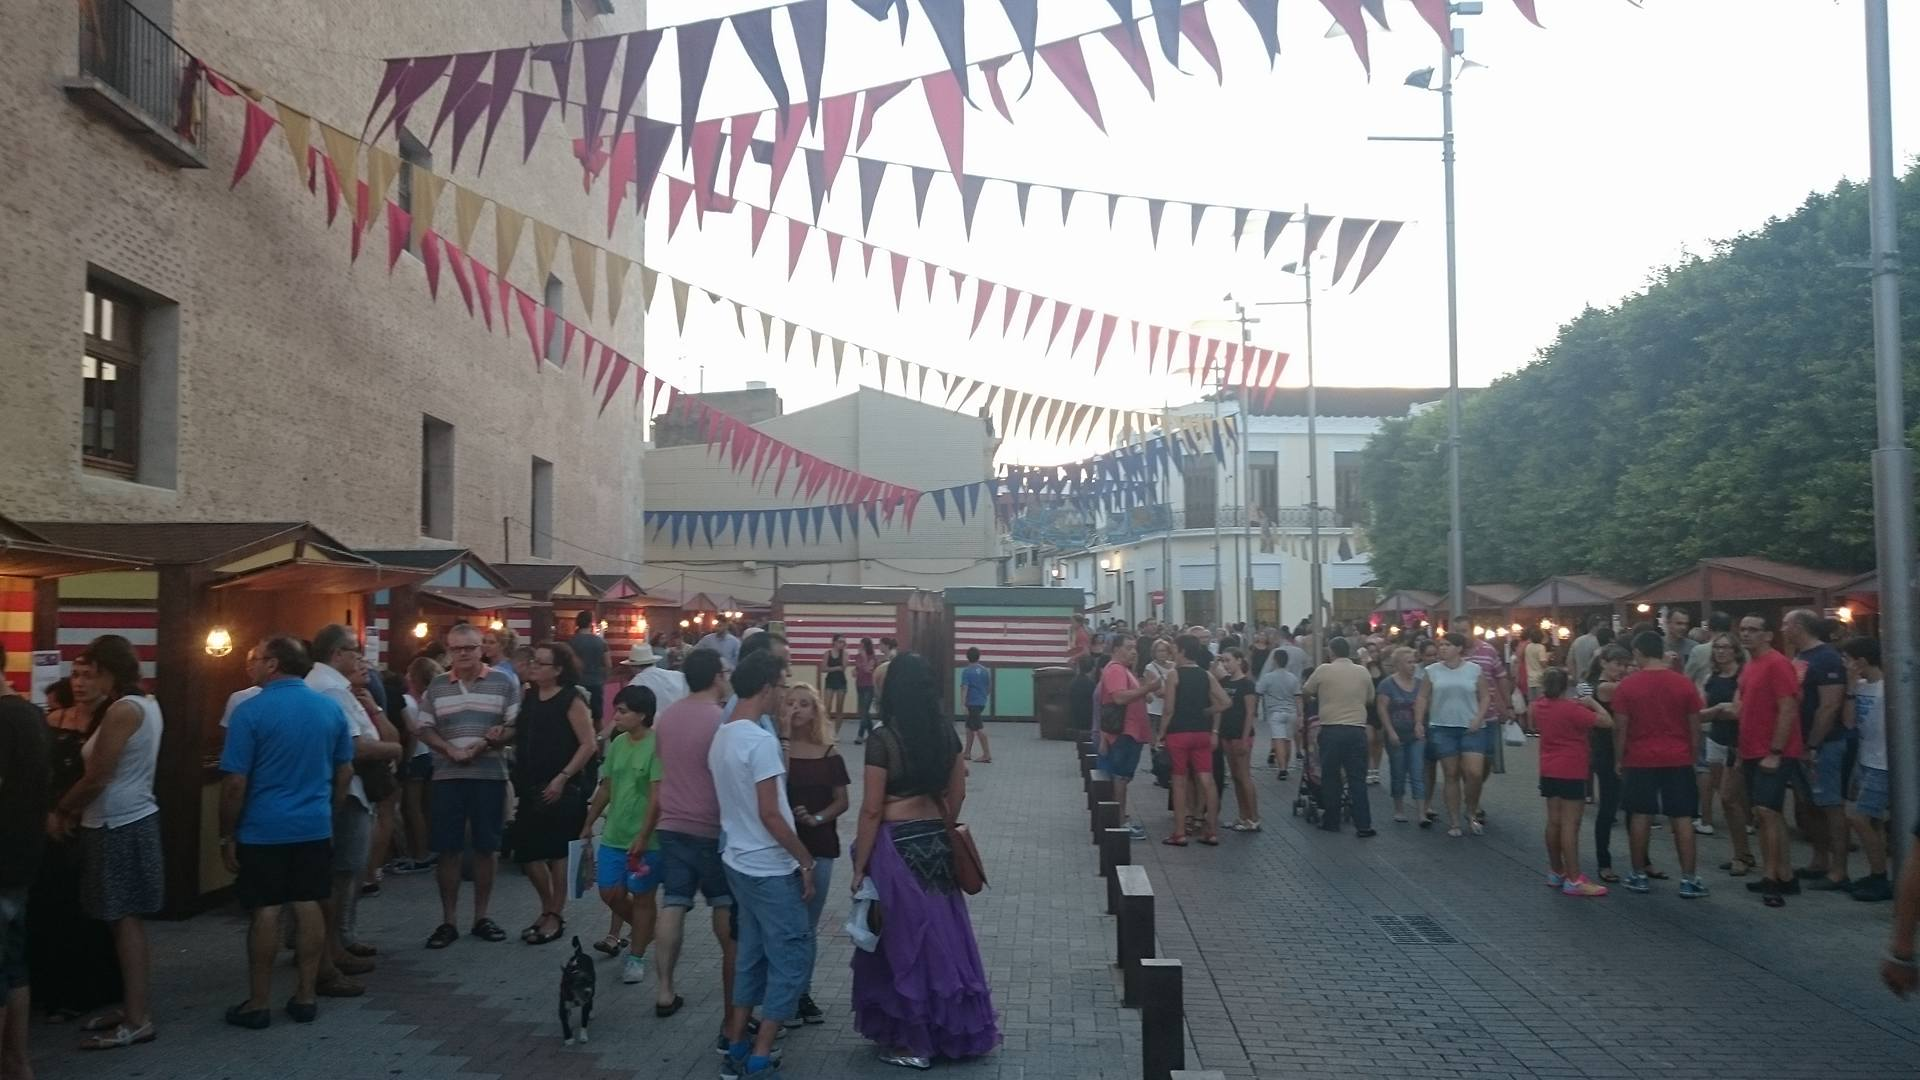 Qué hacer en Valencia este fin de semana (del 19 al 21 de agosto) – AGENDA DE PLANES